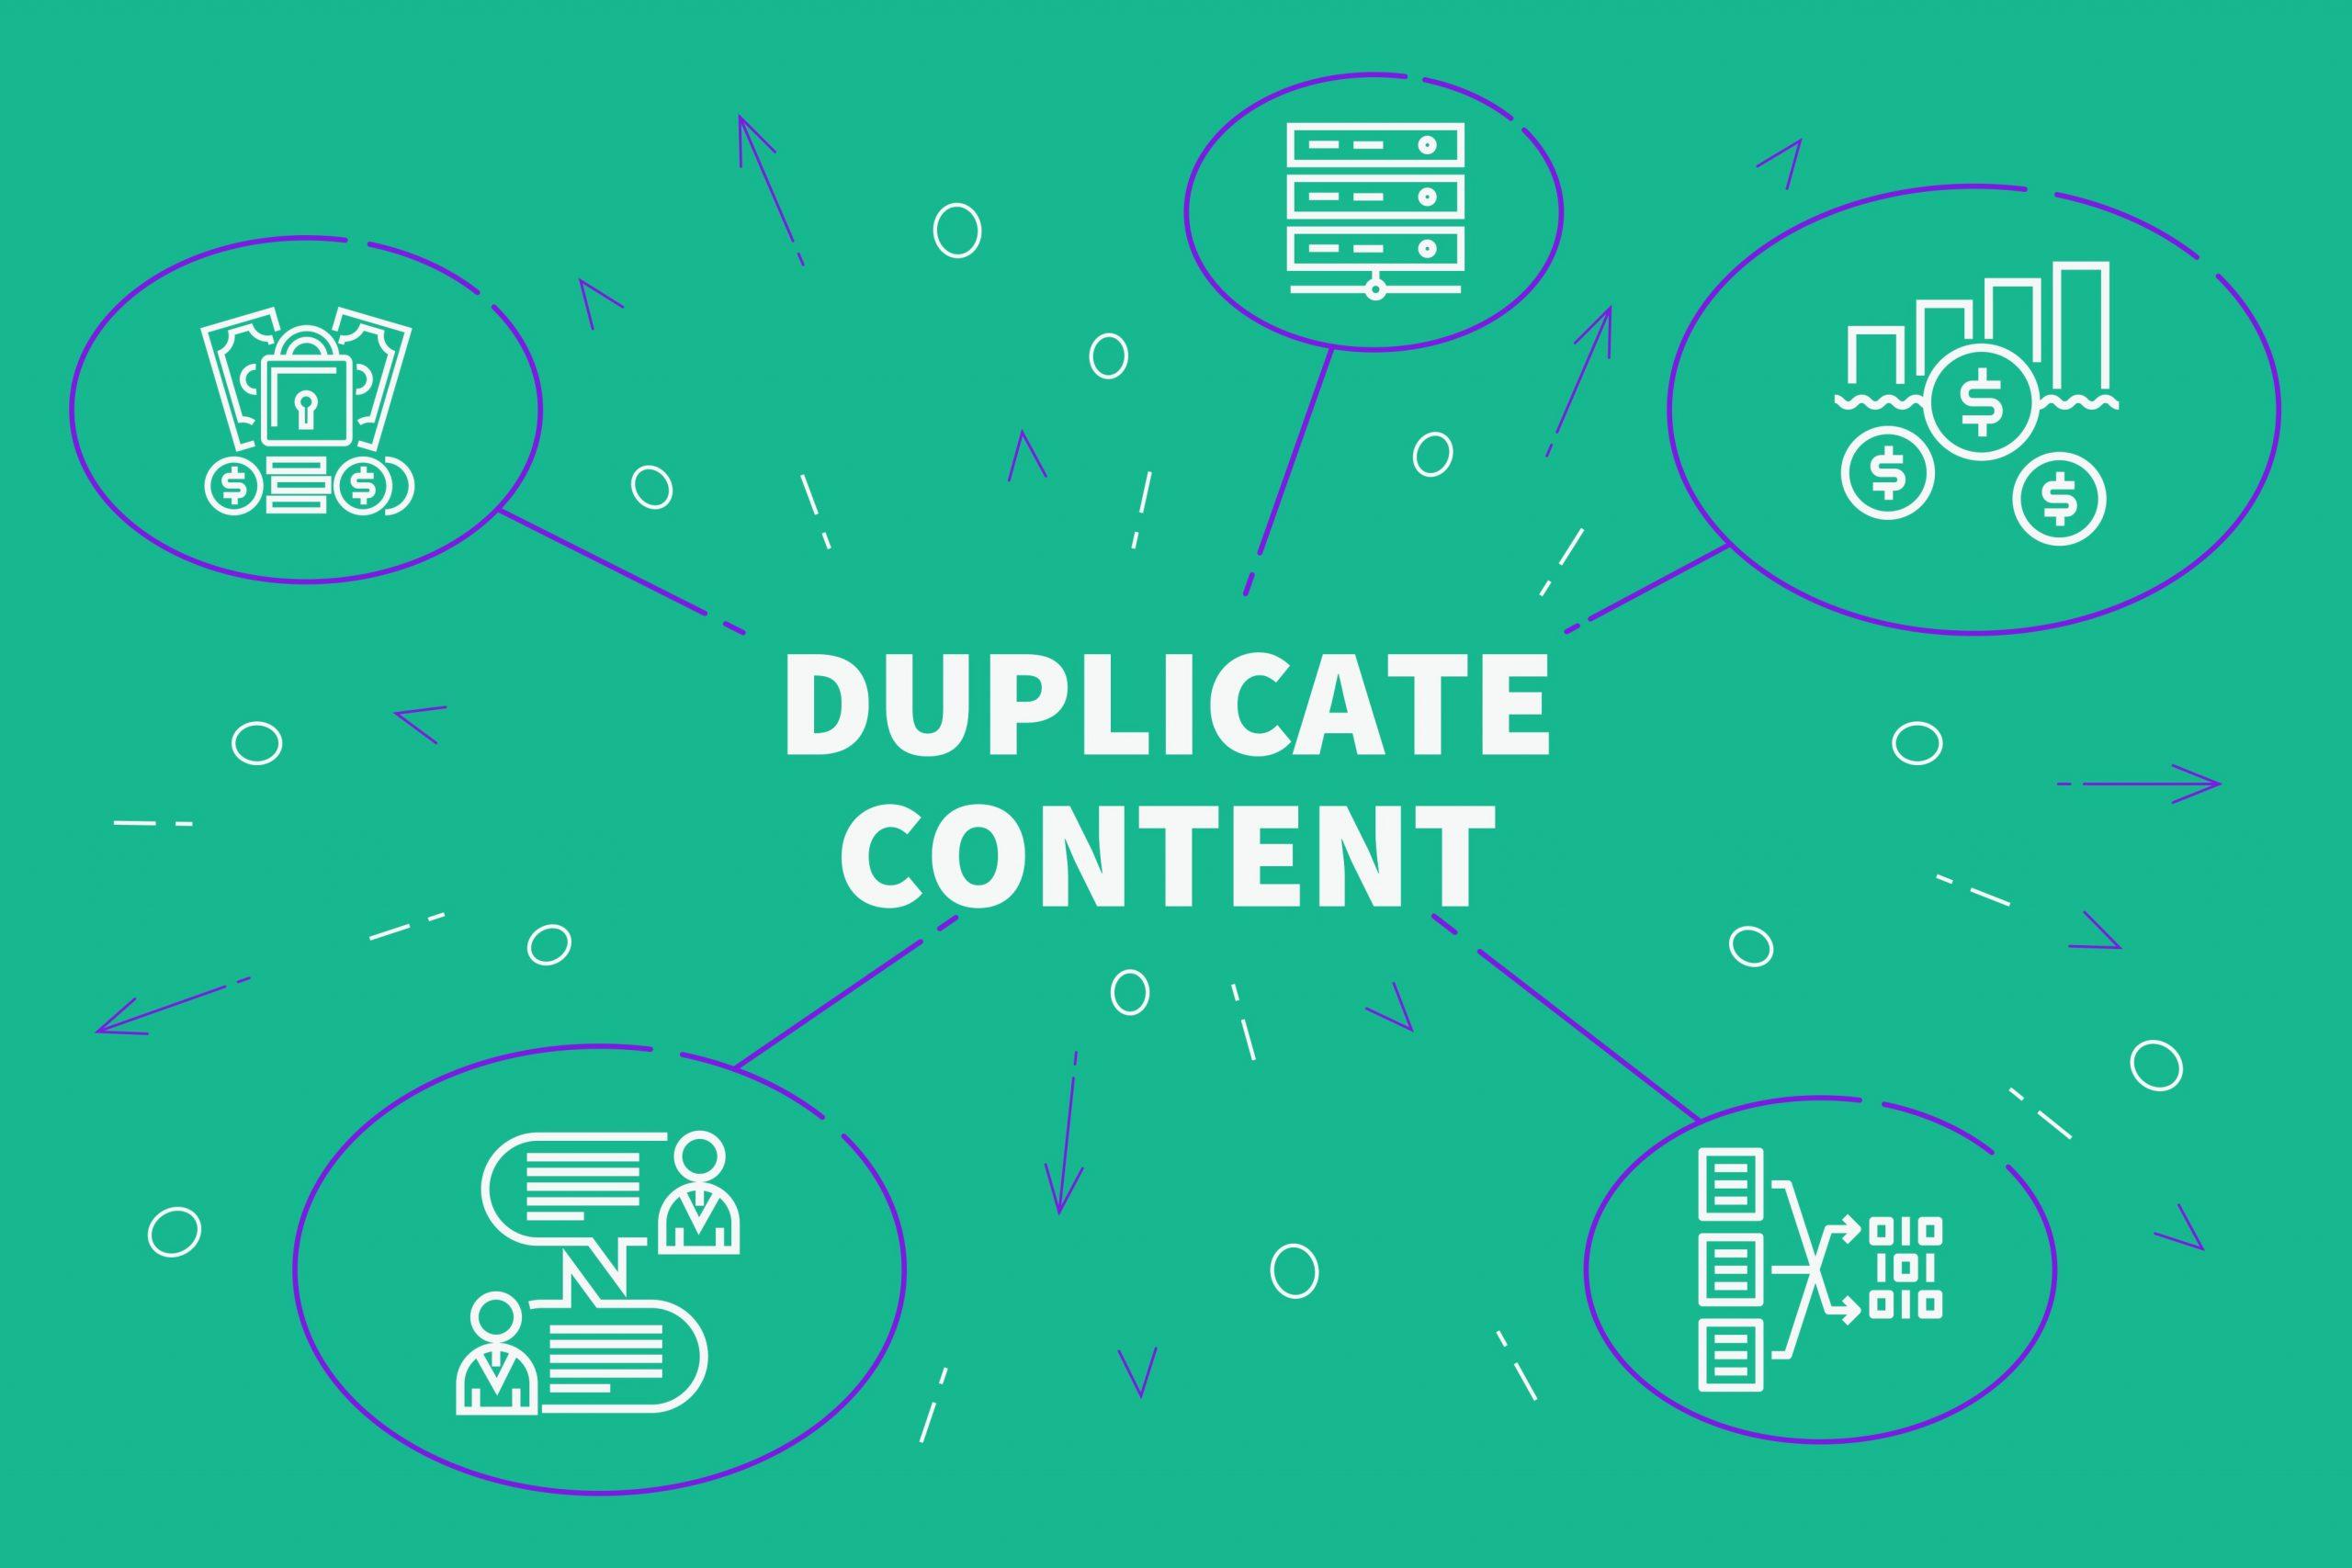 Duplicate content illustration